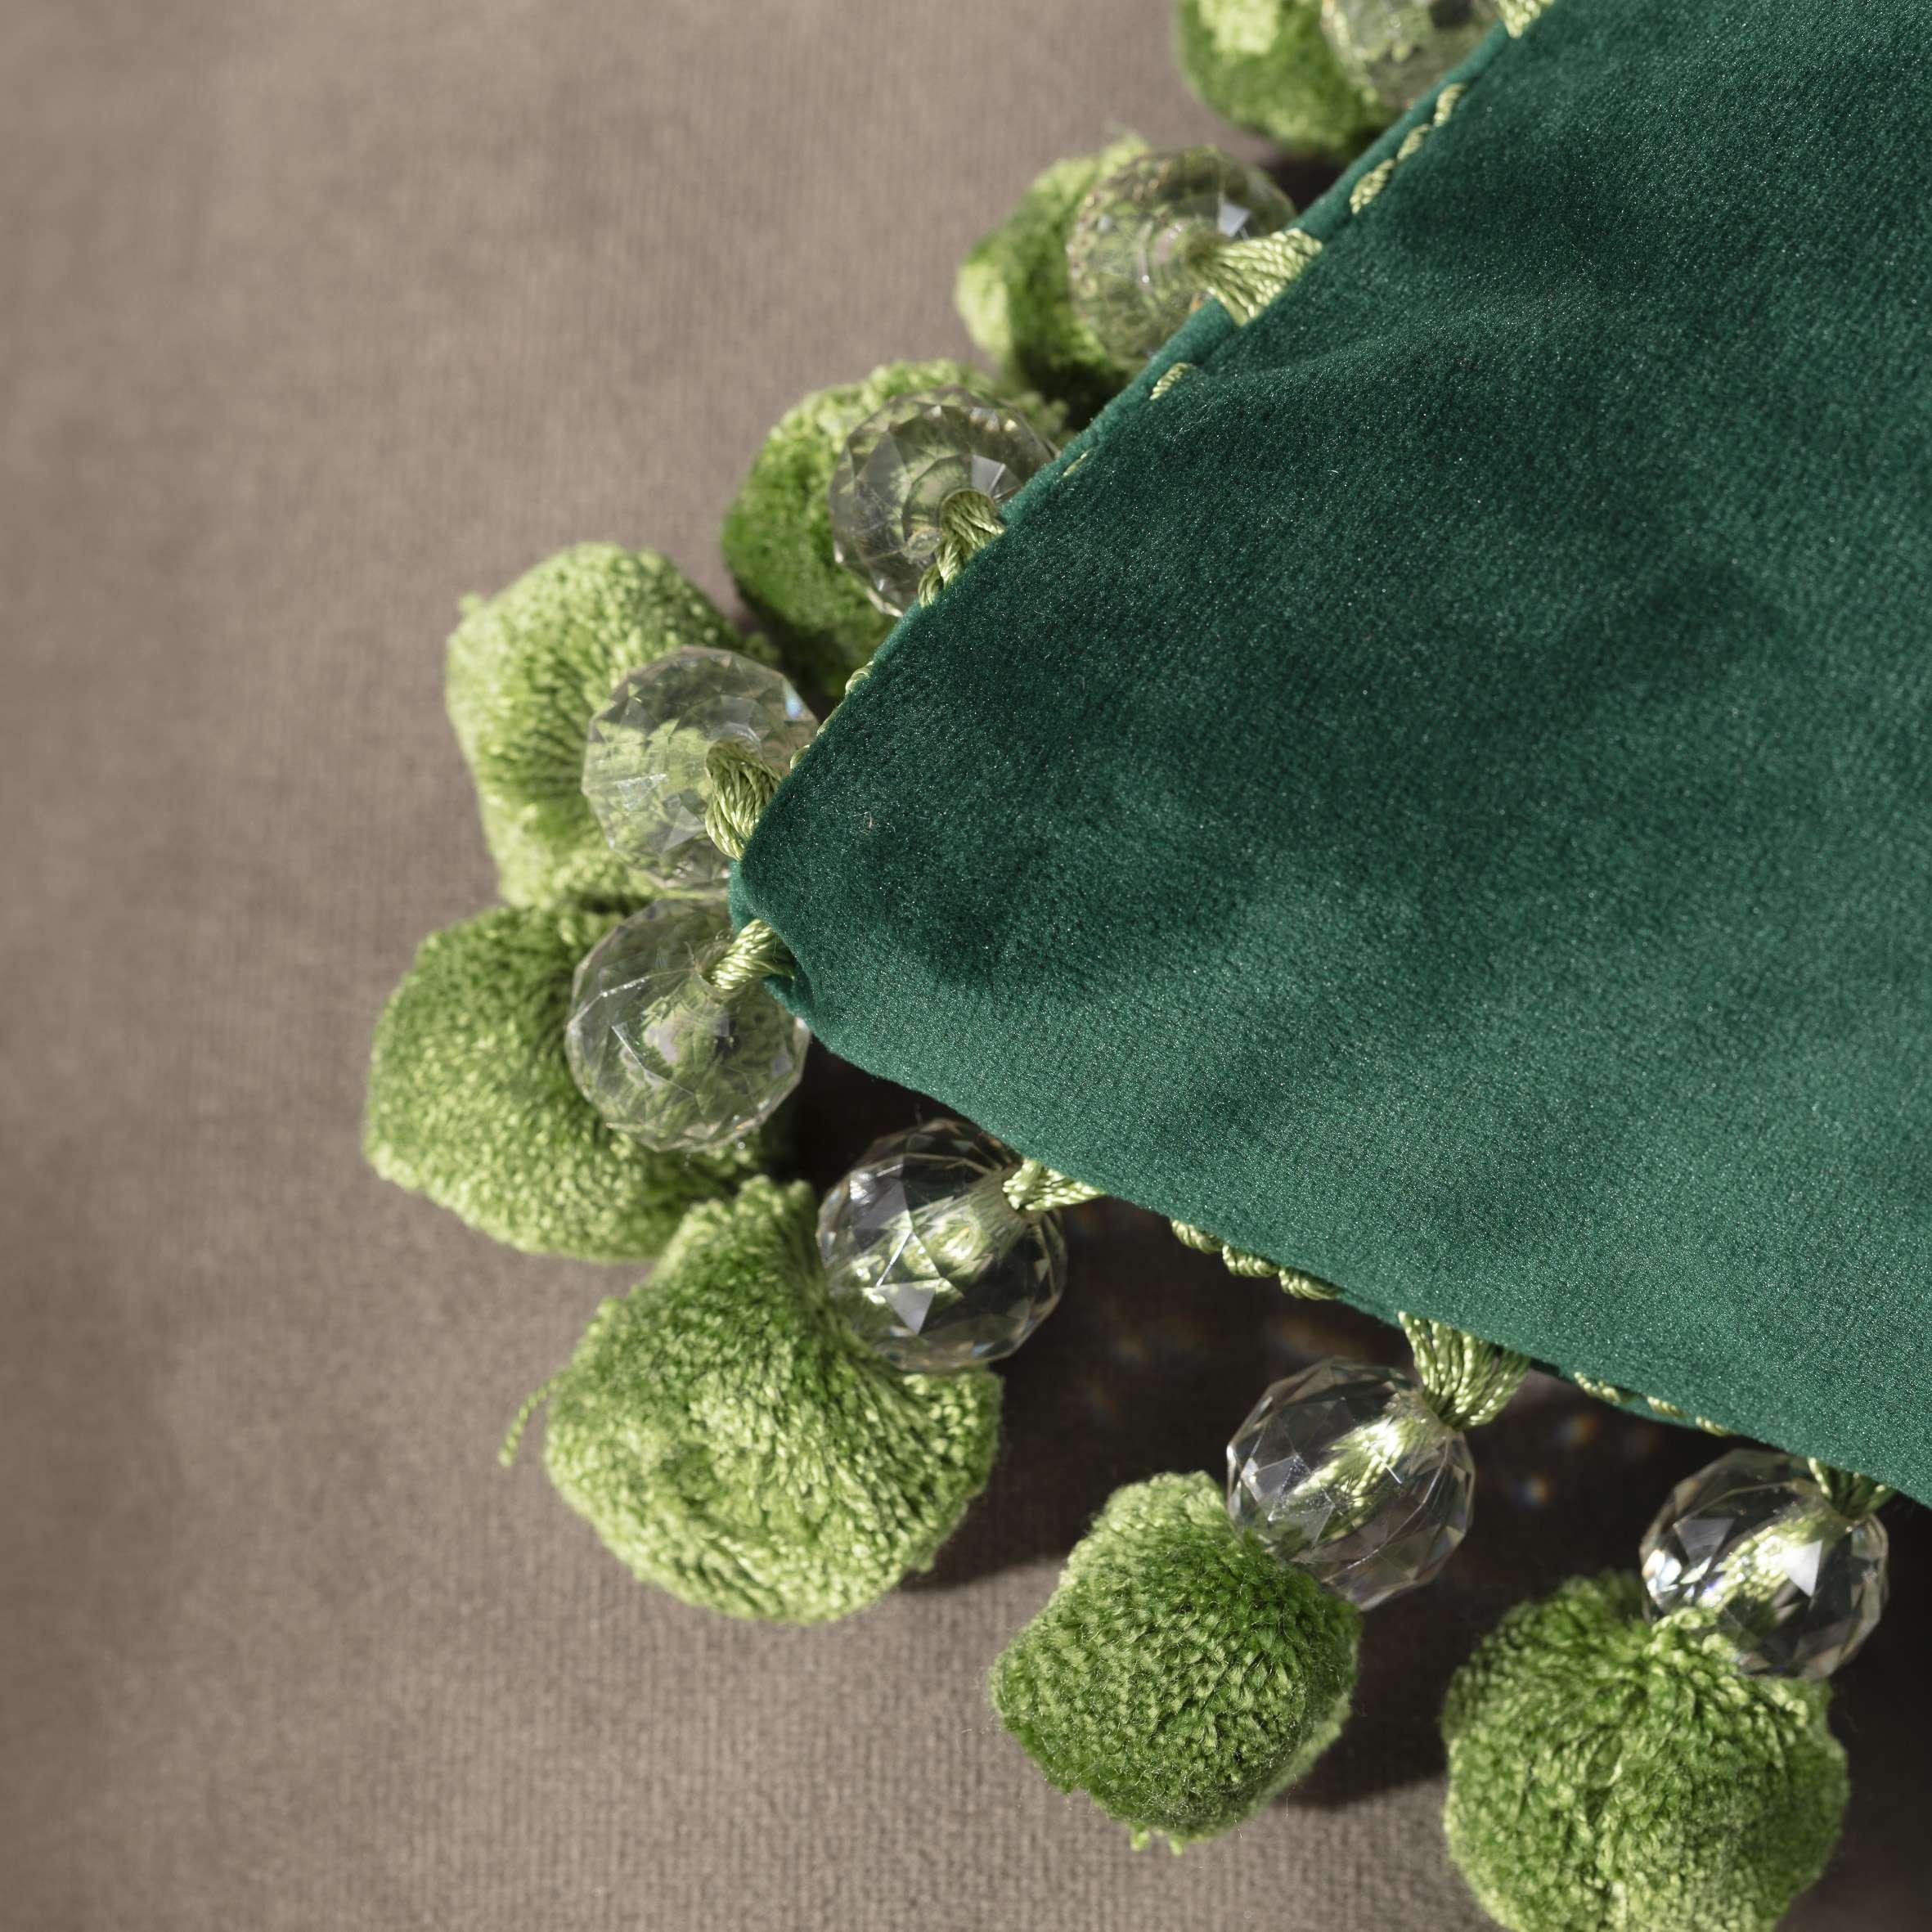 Poszewka Glamour 43 x 43 cm w kolekcji Velvet, tkanina: 704-13